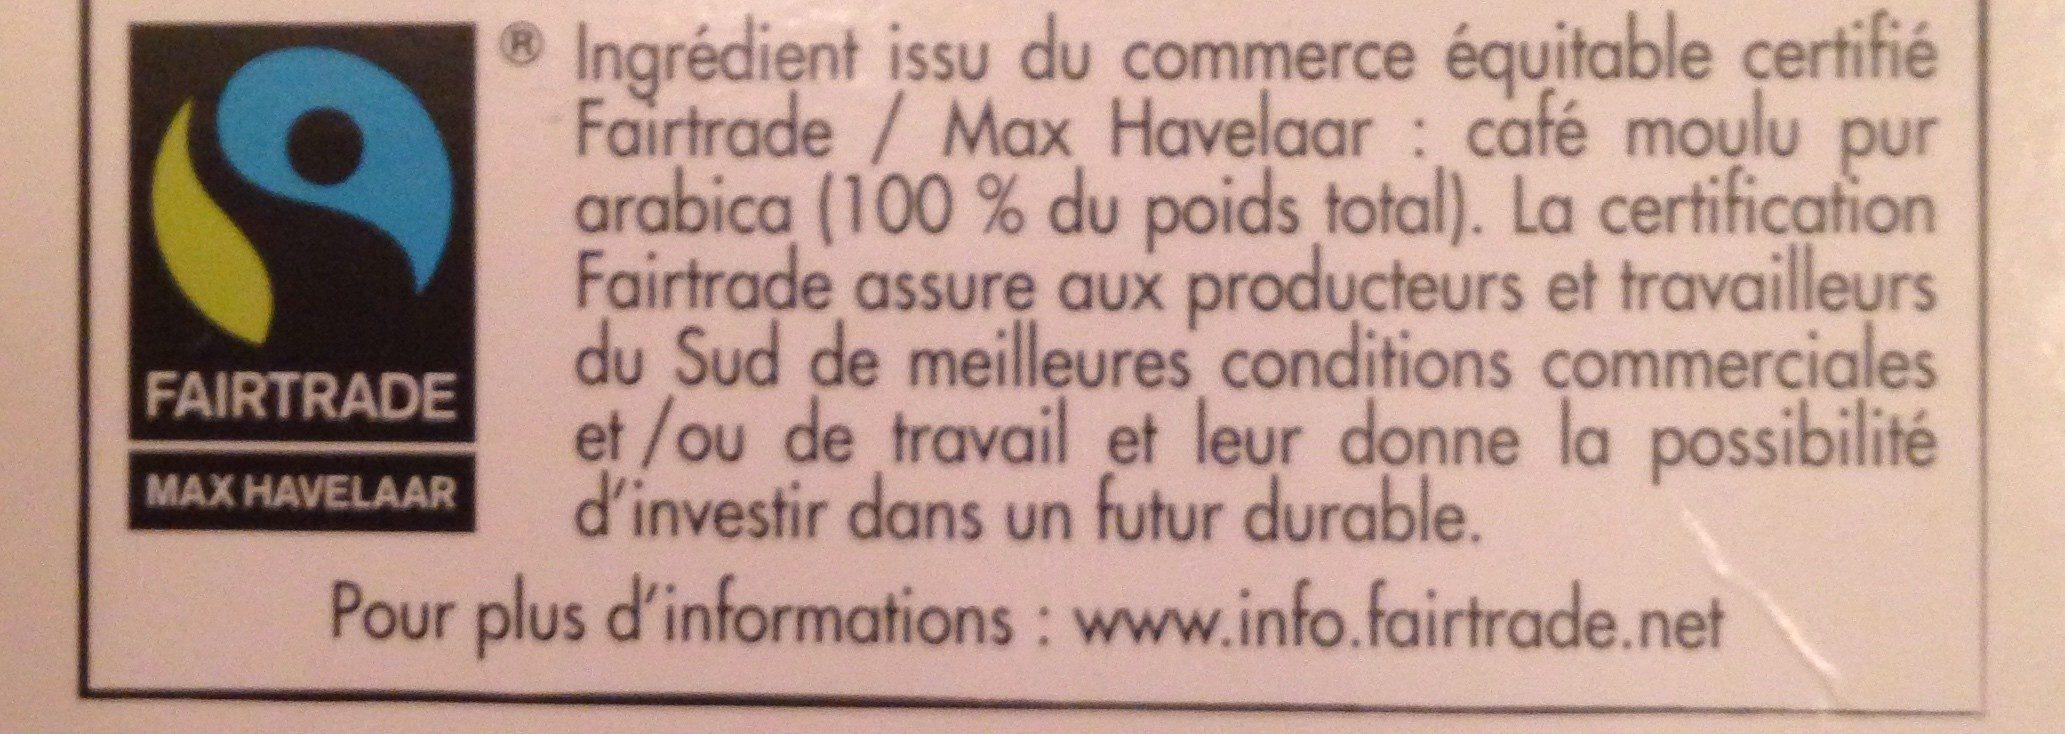 Capsules de café espresso bio Max Havelaar décaféiné x 10 - Ingredienti - fr